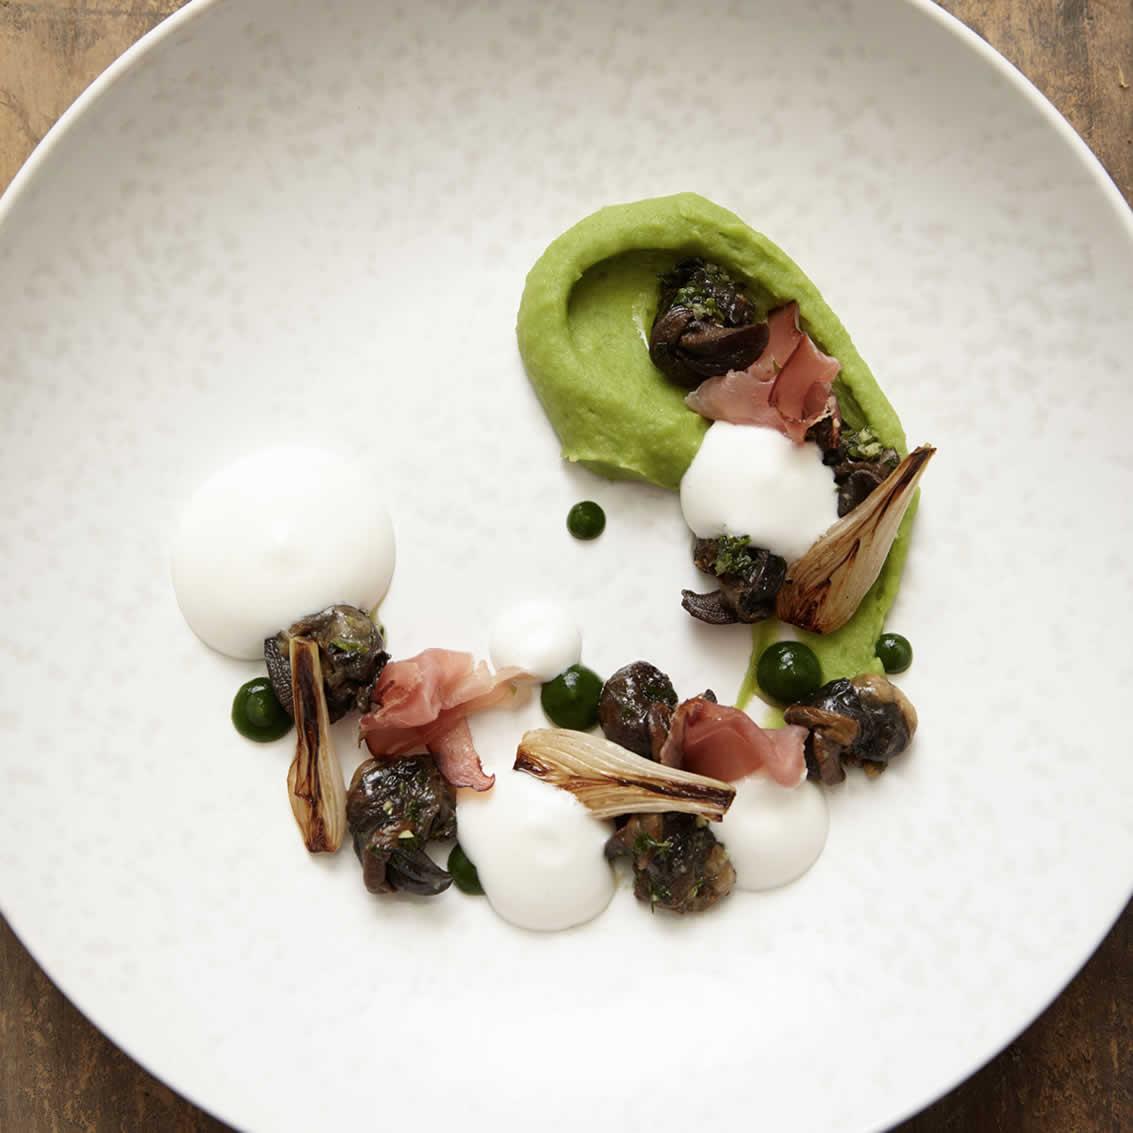 Plat d'escargots, L'AO hôtel restaurant L'Aigle d'Or